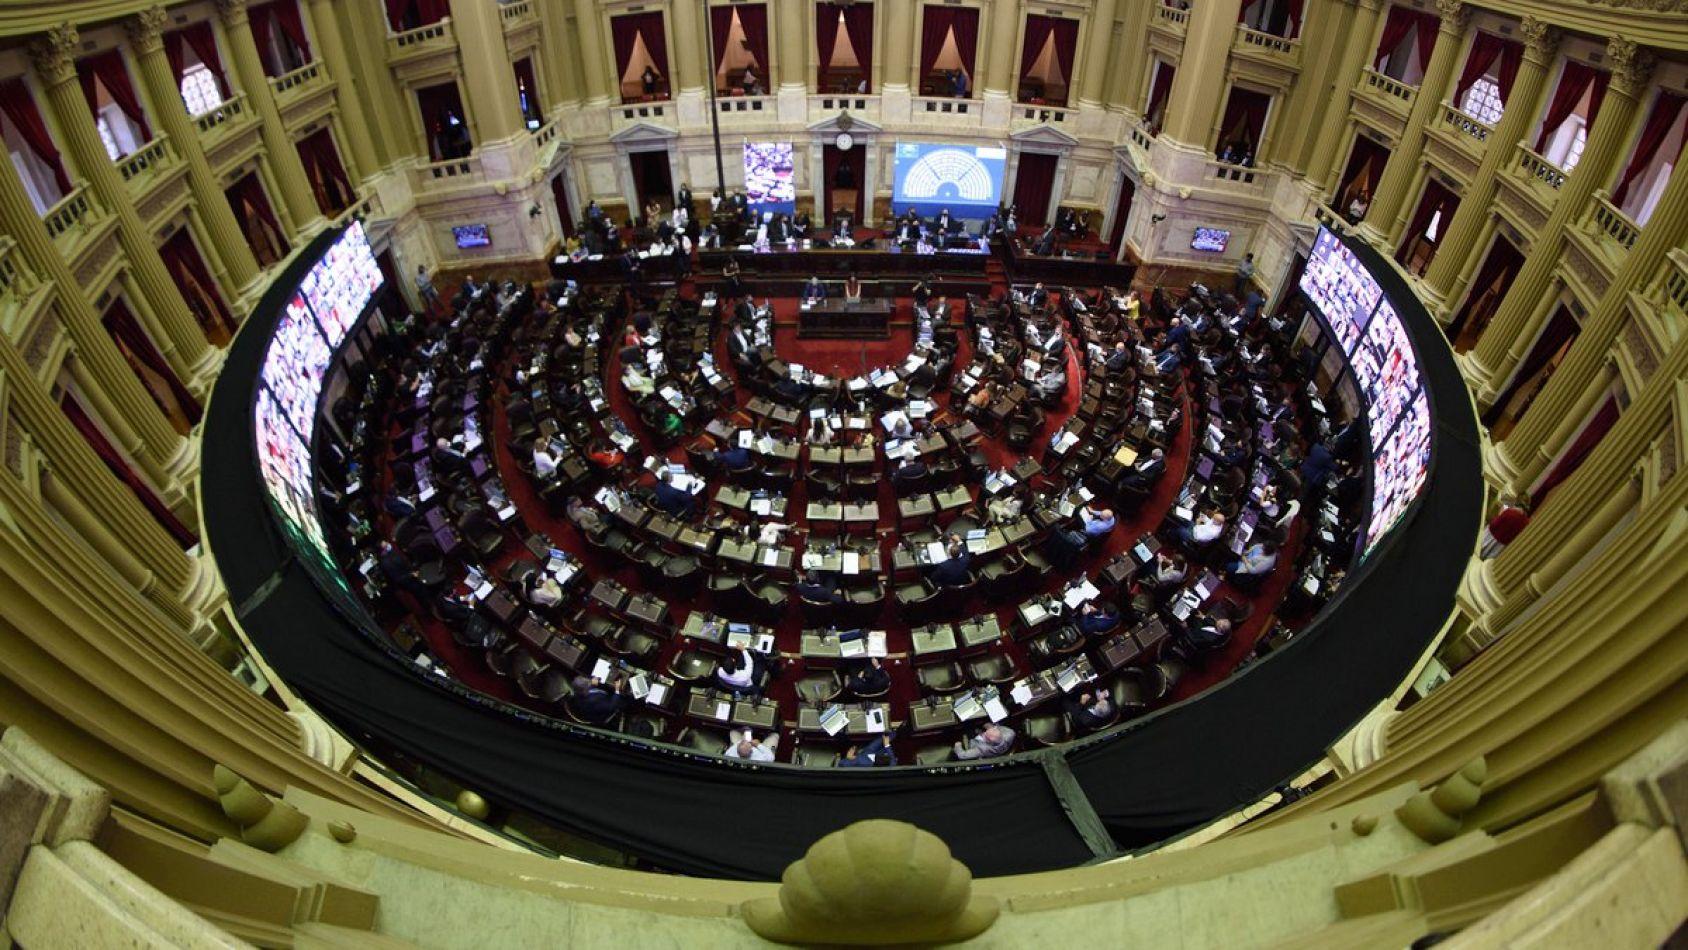 Impuesto a la riqueza: el Gobierno asegura que 10.000 argentinos lo pagaron y hasta ahora se recaudaron $223.000 millones